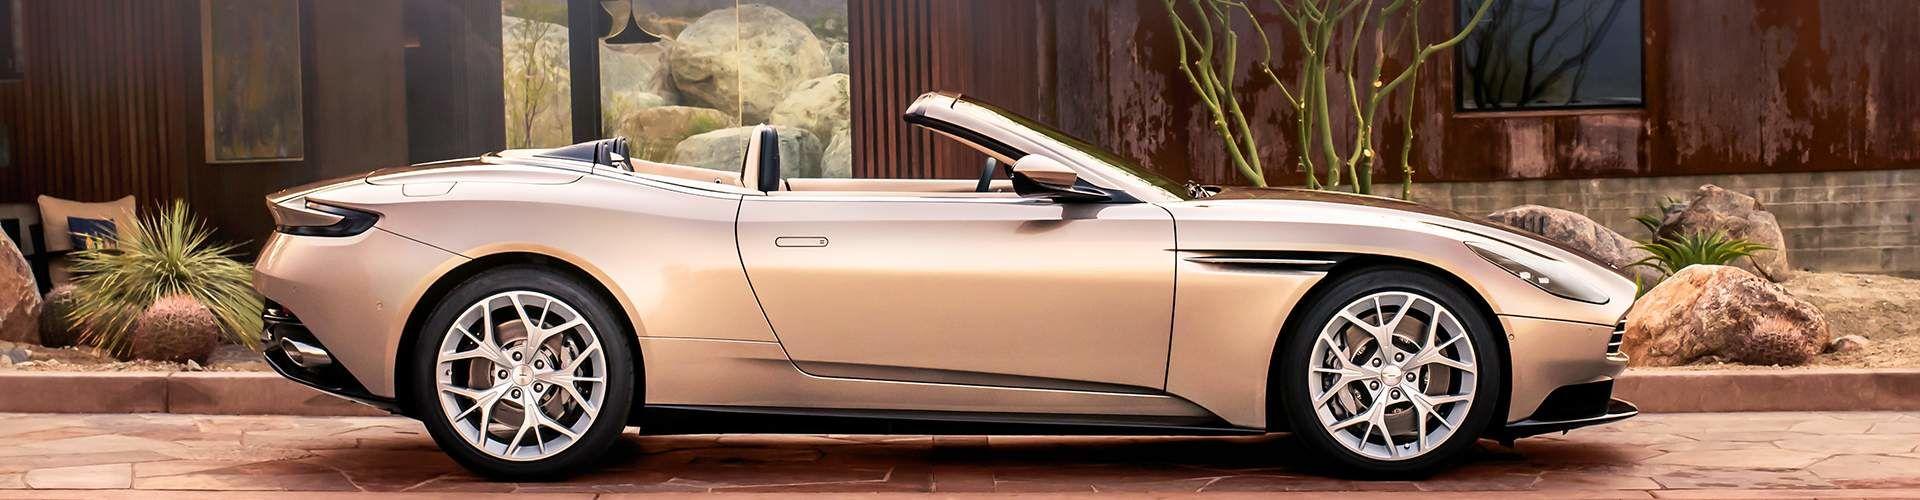 Aston Martin of Dallas